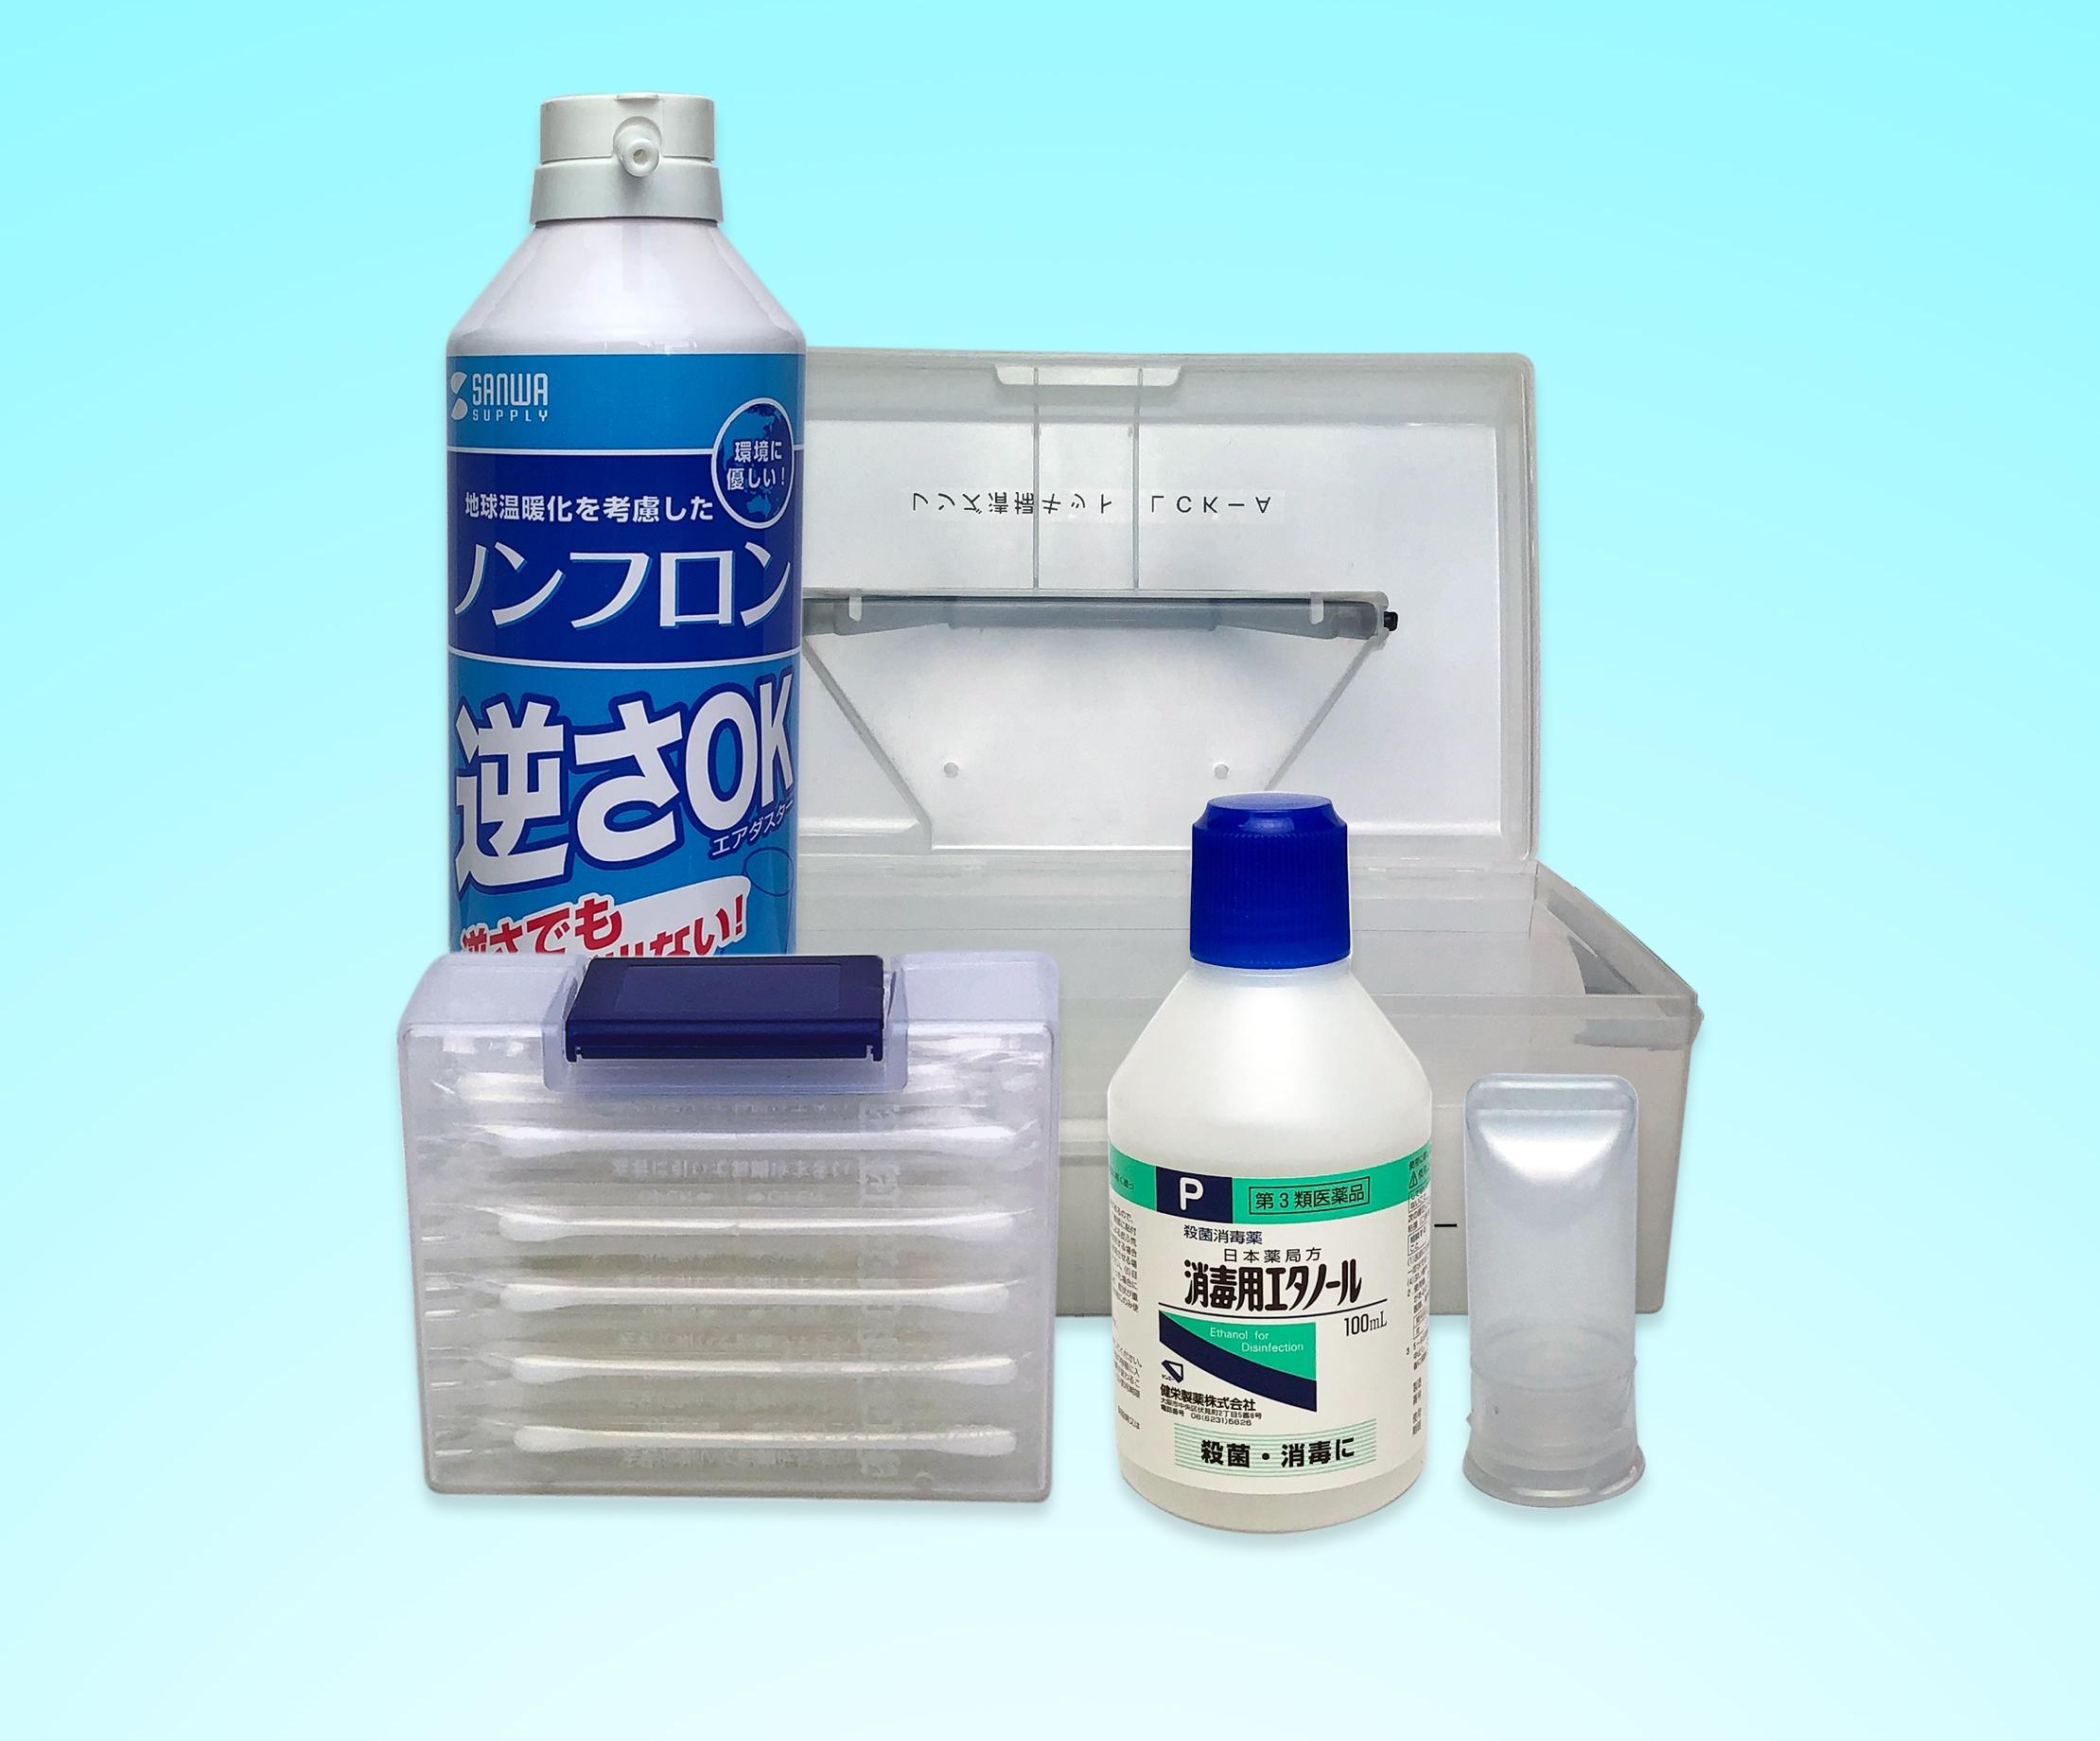 放射温度計用レンズ清掃キット LCK-Aの製品画像